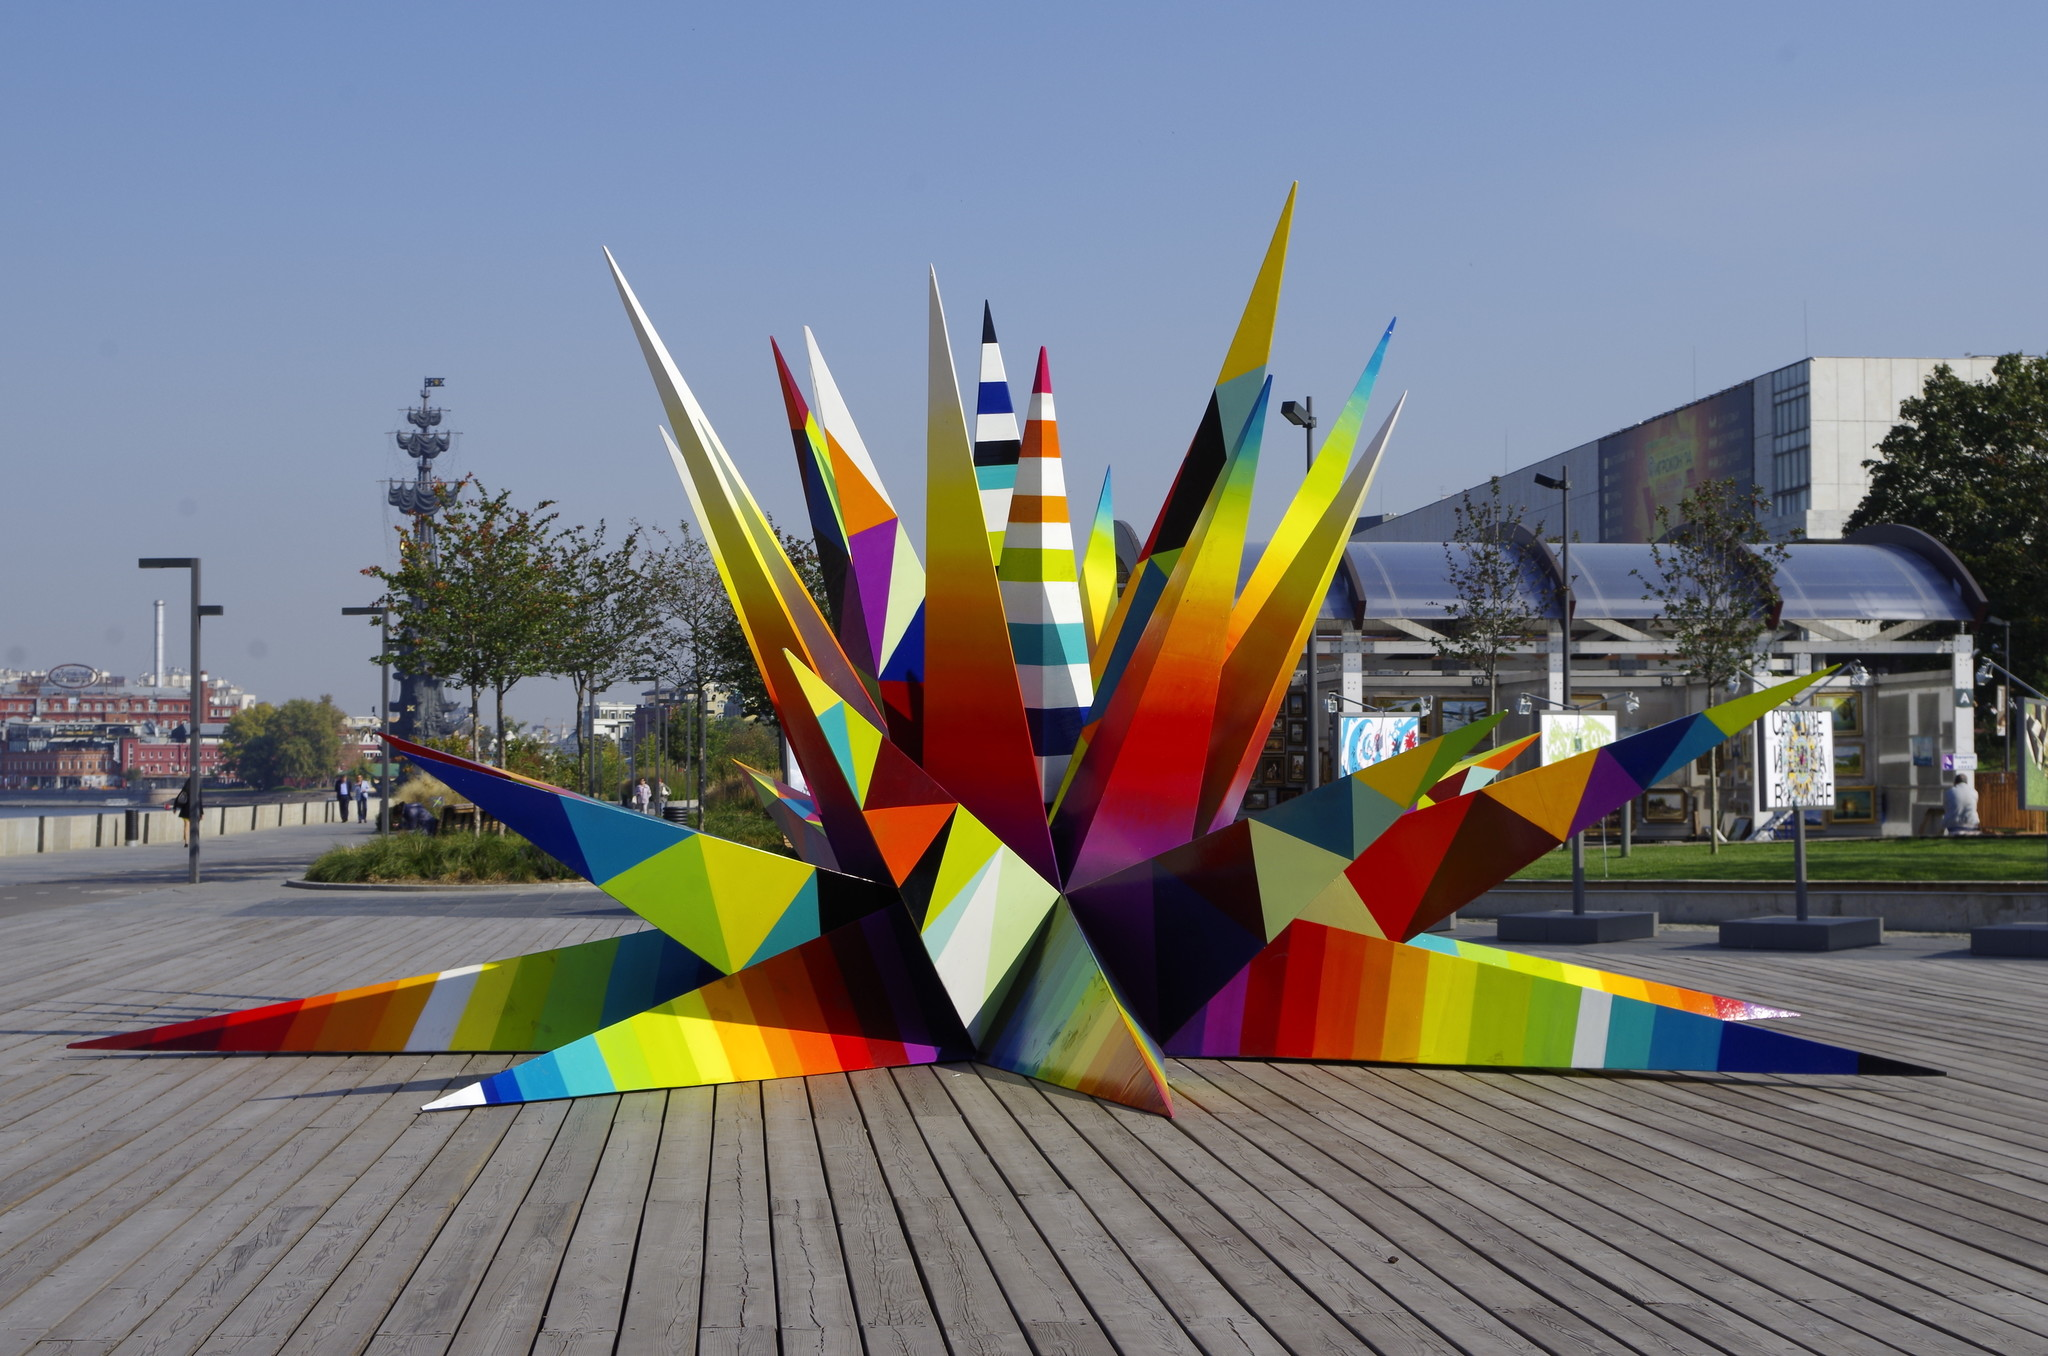 Kaos Star - новая работа испанского художника Okuda на территории парка искусств МУЗЕОН